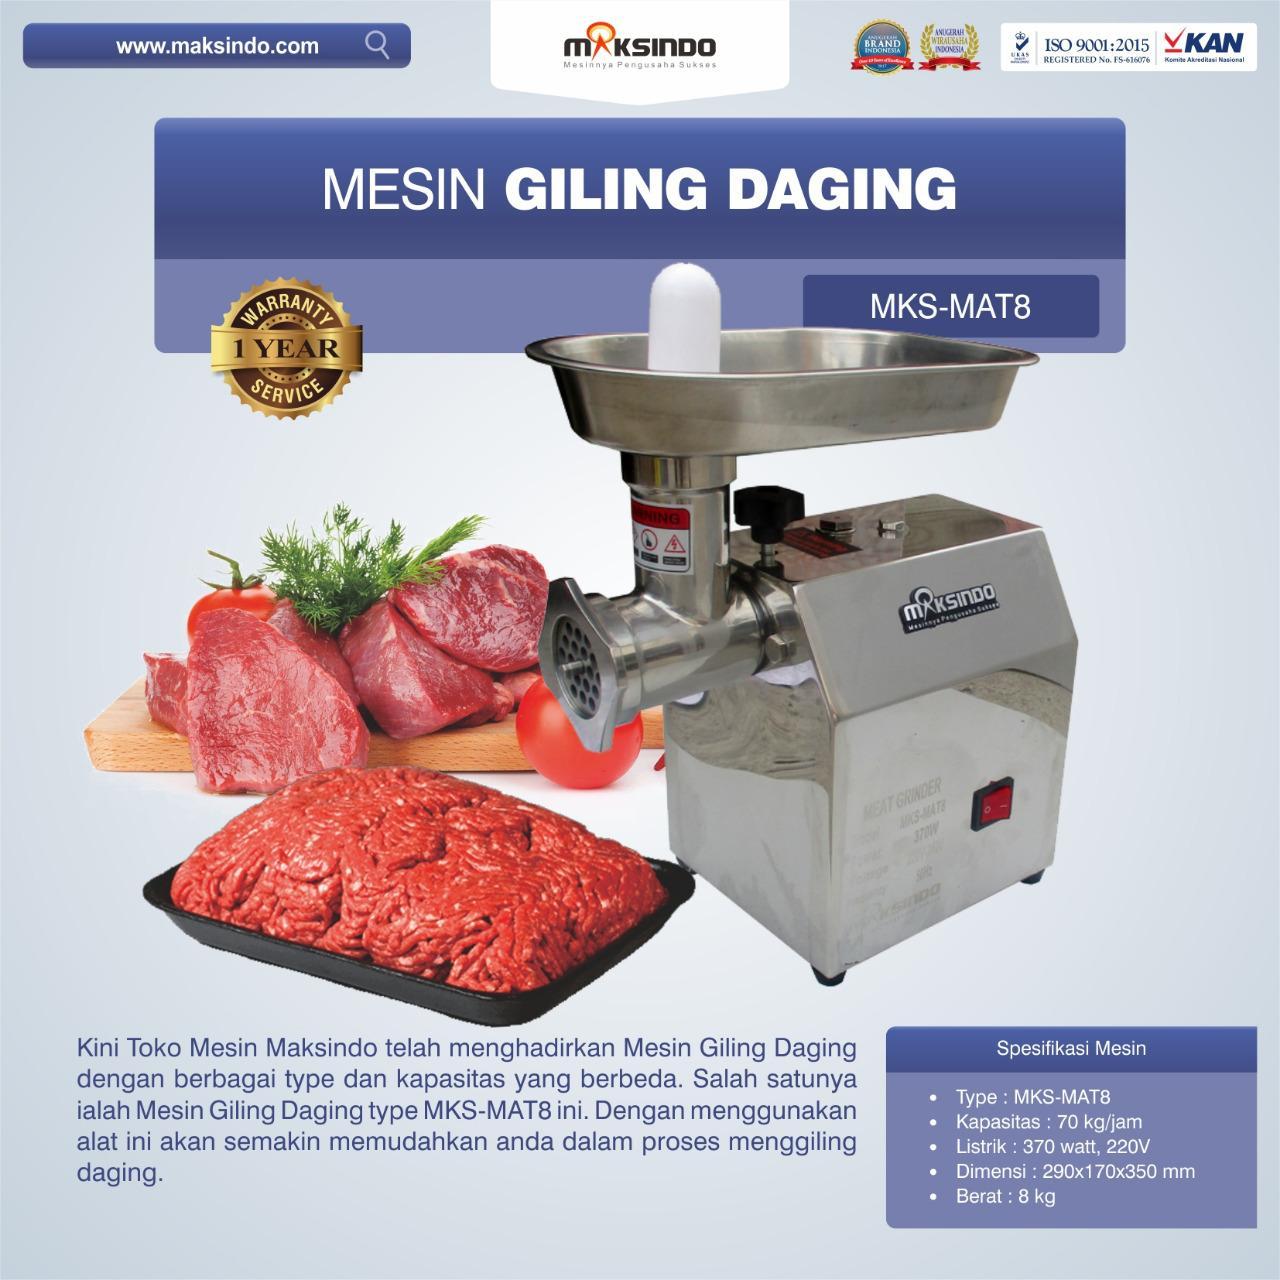 Jual Mesin Giling Daging MKS-MAT8 di Blitar